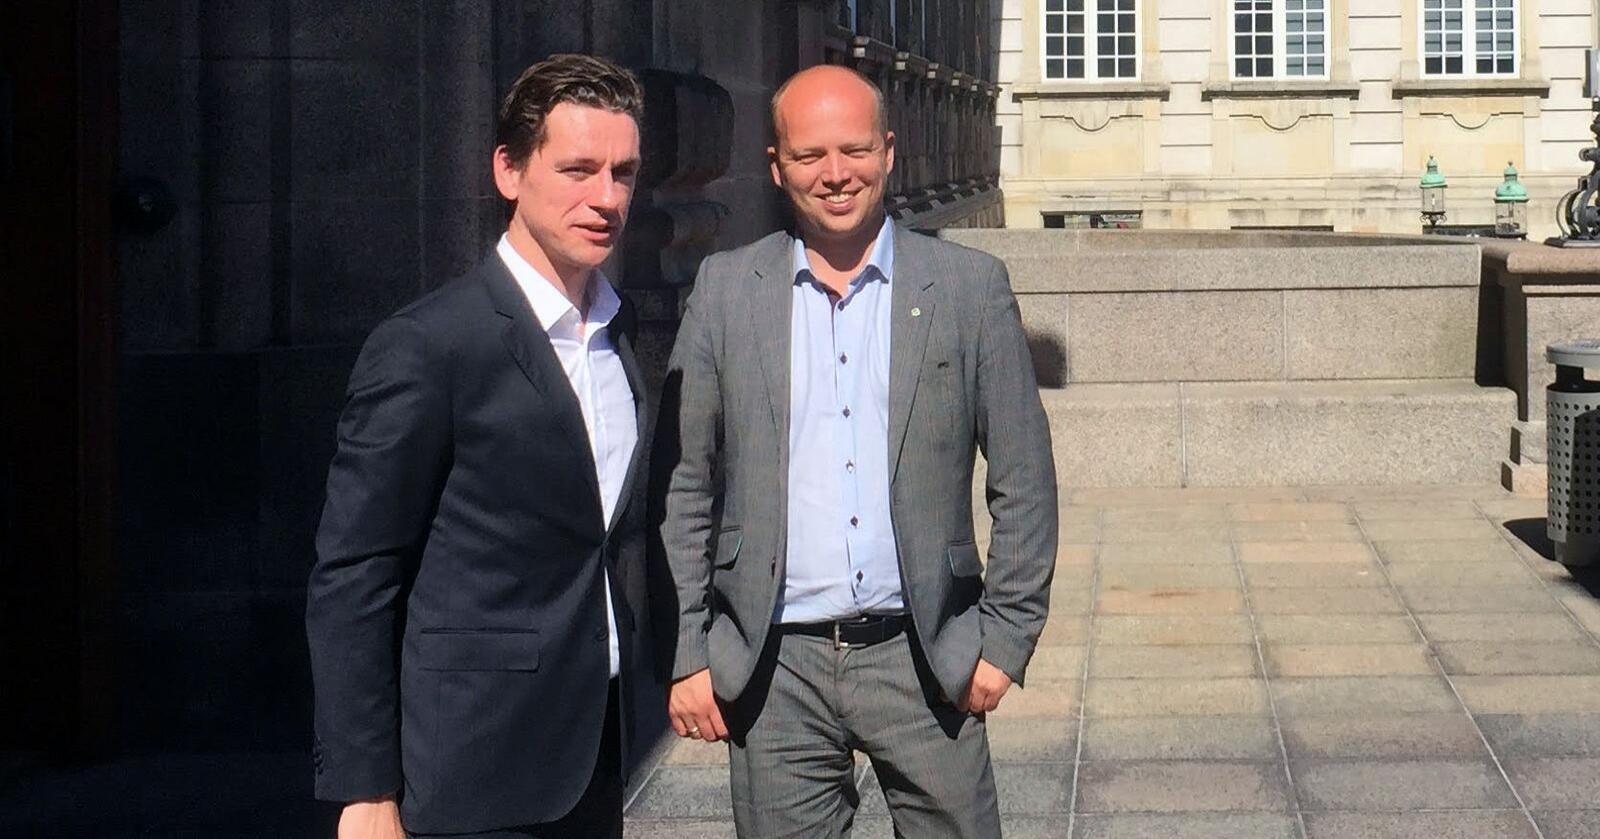 Rødgrønn allianse: Innenriksministeren i Danmark, Kaare Dybvad Bek, sammen med Sp-leder Trygve Slagsvold Vedum foran Folketinget i København i 2015. Foto: Ole Gustav Narud.